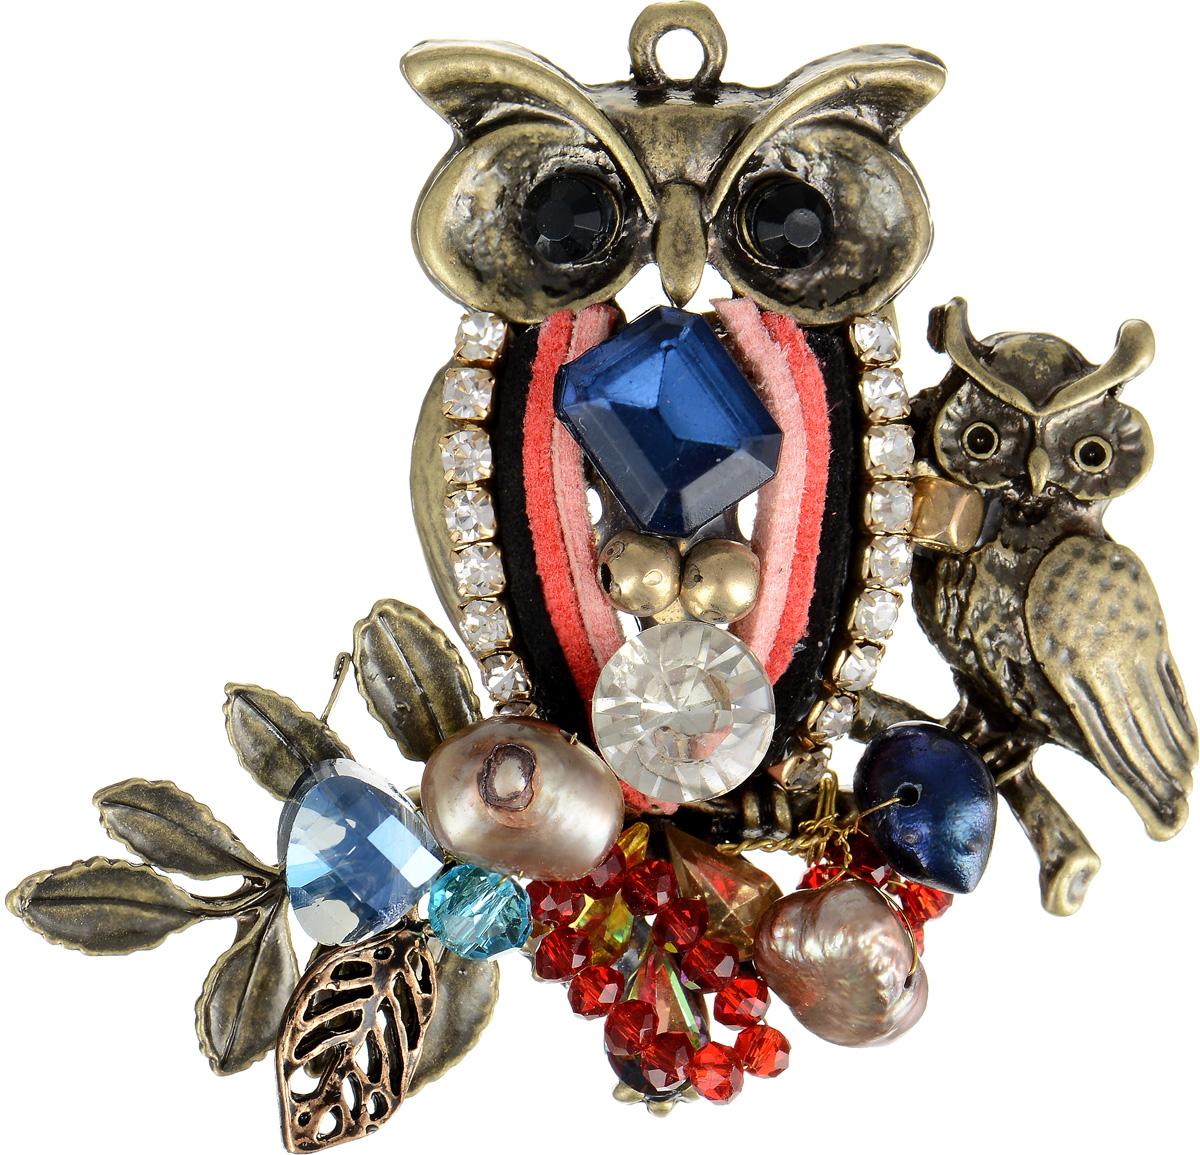 Брошь Selena Borgia, цвет: красный, розовый, синий. 3002719030027190Брошь Selena Borgia изготовлена из текстиля и латуни с гальваническим покрытием золотом с эффектом состаривания. Изделие выполнено в виде совы и совенка, инкрустировано кристаллами Preciosa и искусственным жемчугом. В коллекции Borgia испанские дизайнеры воплотили истинный дух Испании. Коллекция выполнена в стиле fashion, но особенность ее в том, что она сочетает в себе модные тенденции подиумов и состаренный стиль - благодаря покрытию цепочек и деталей украшений гальваникой методом антик. Украшения можно носить в любое время года, они уместны на празднике, на прогулке и на работе.